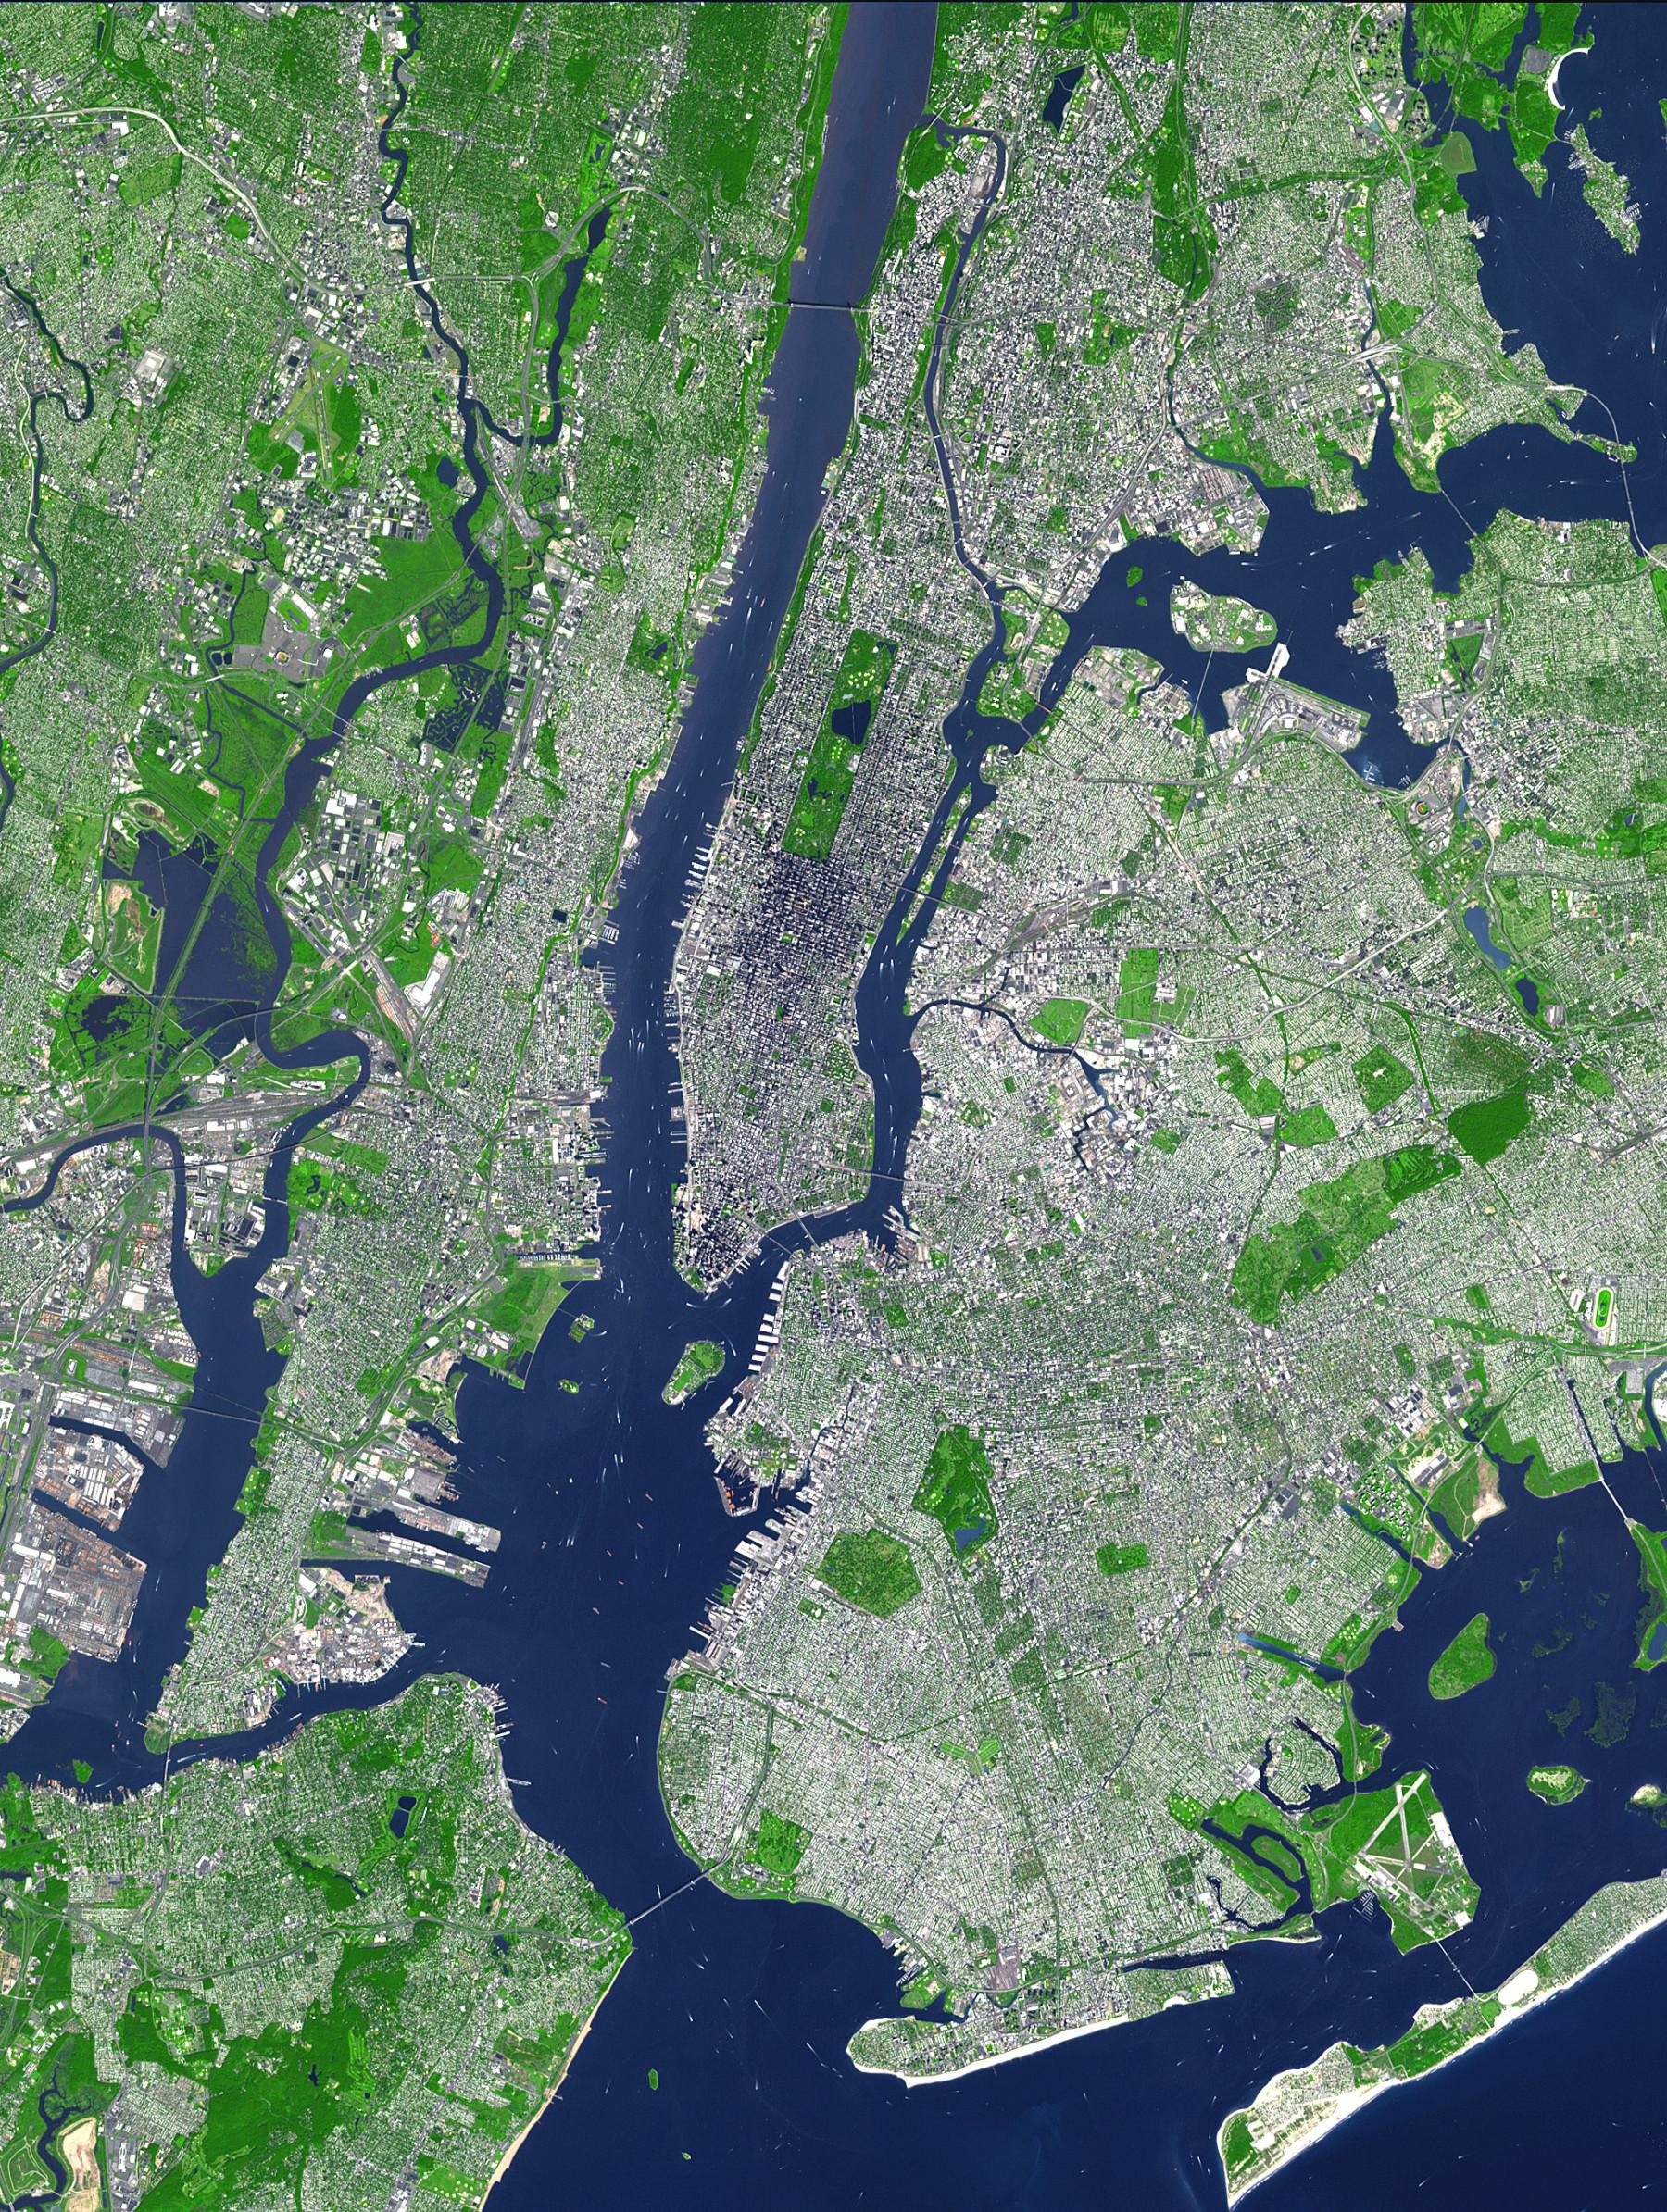 Aster_newyorkcity_lrg